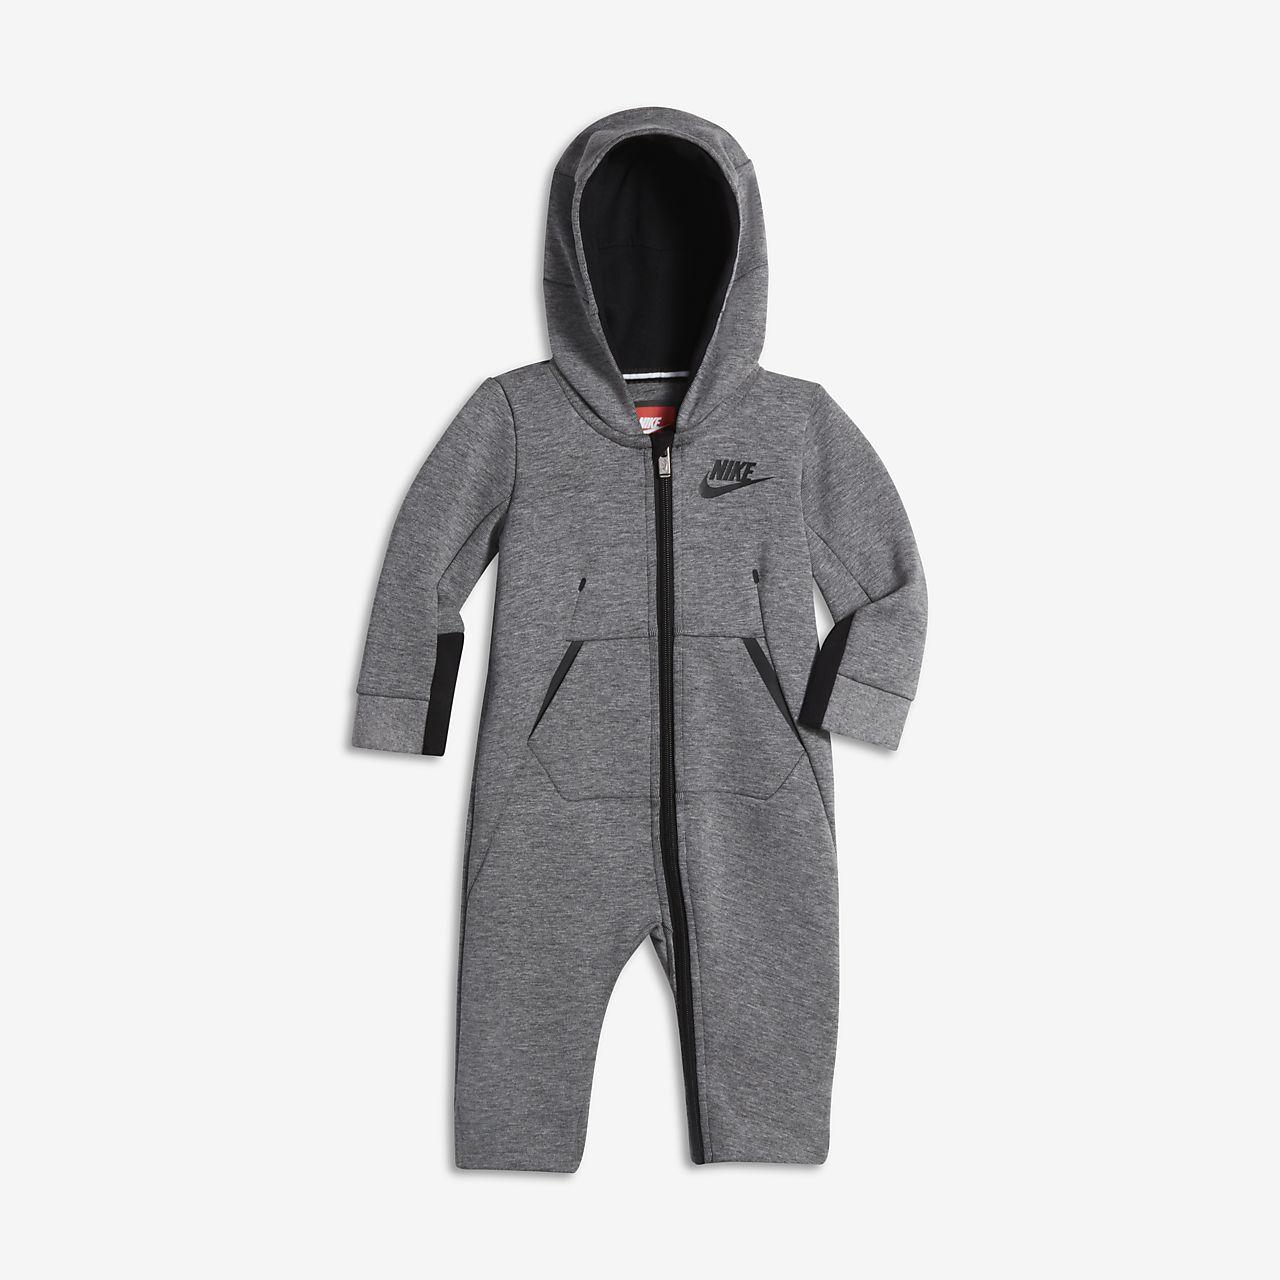 Nike Sportswear Tech Fleece Baby (0–9M) Full-Zip Overall